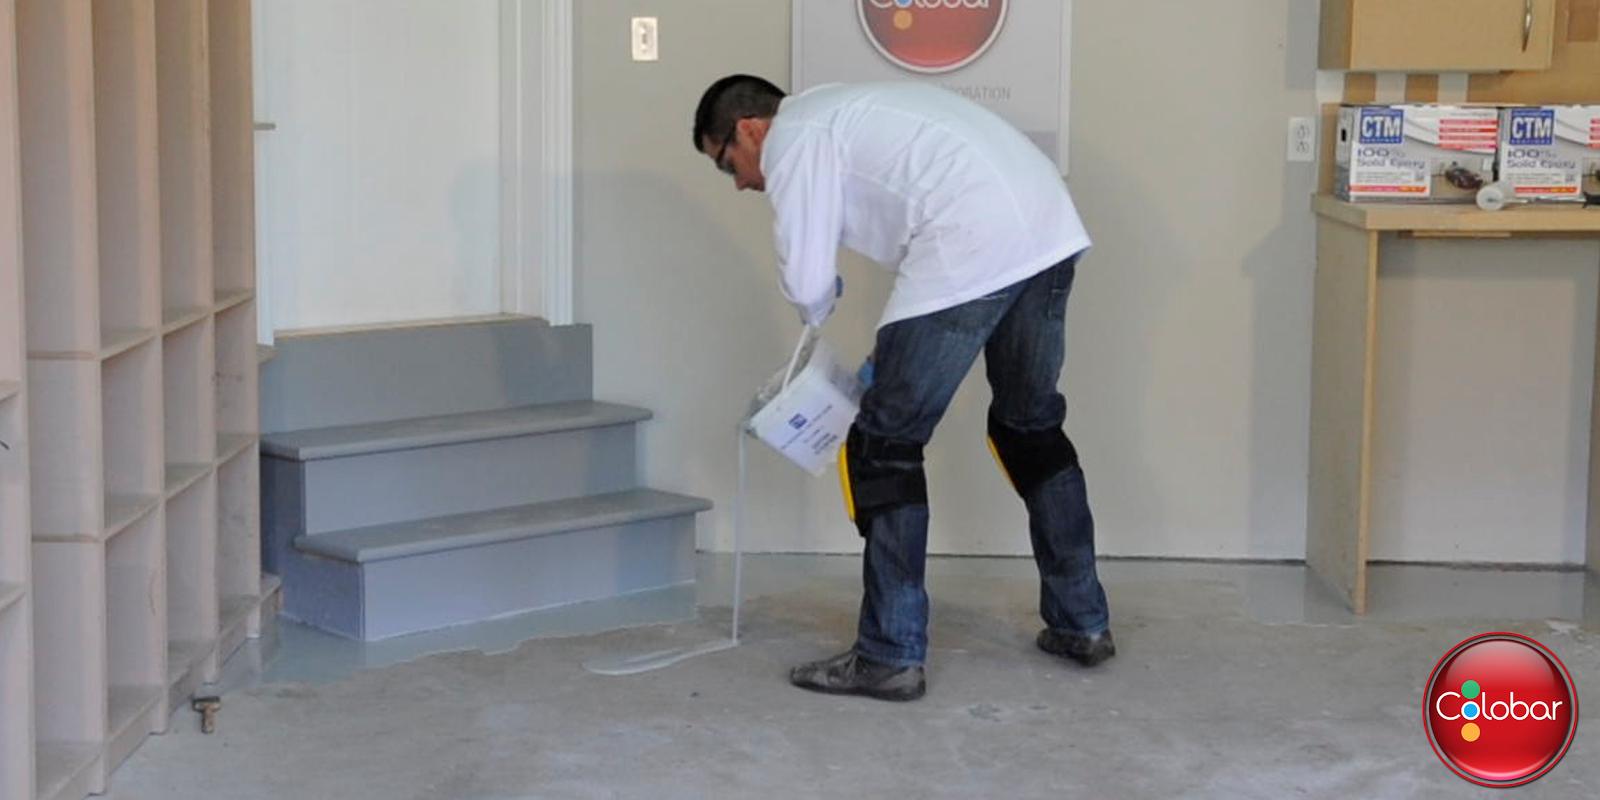 Colobar peinture et d coration comment appliquer l poxy for Peinture sur ciment exterieur